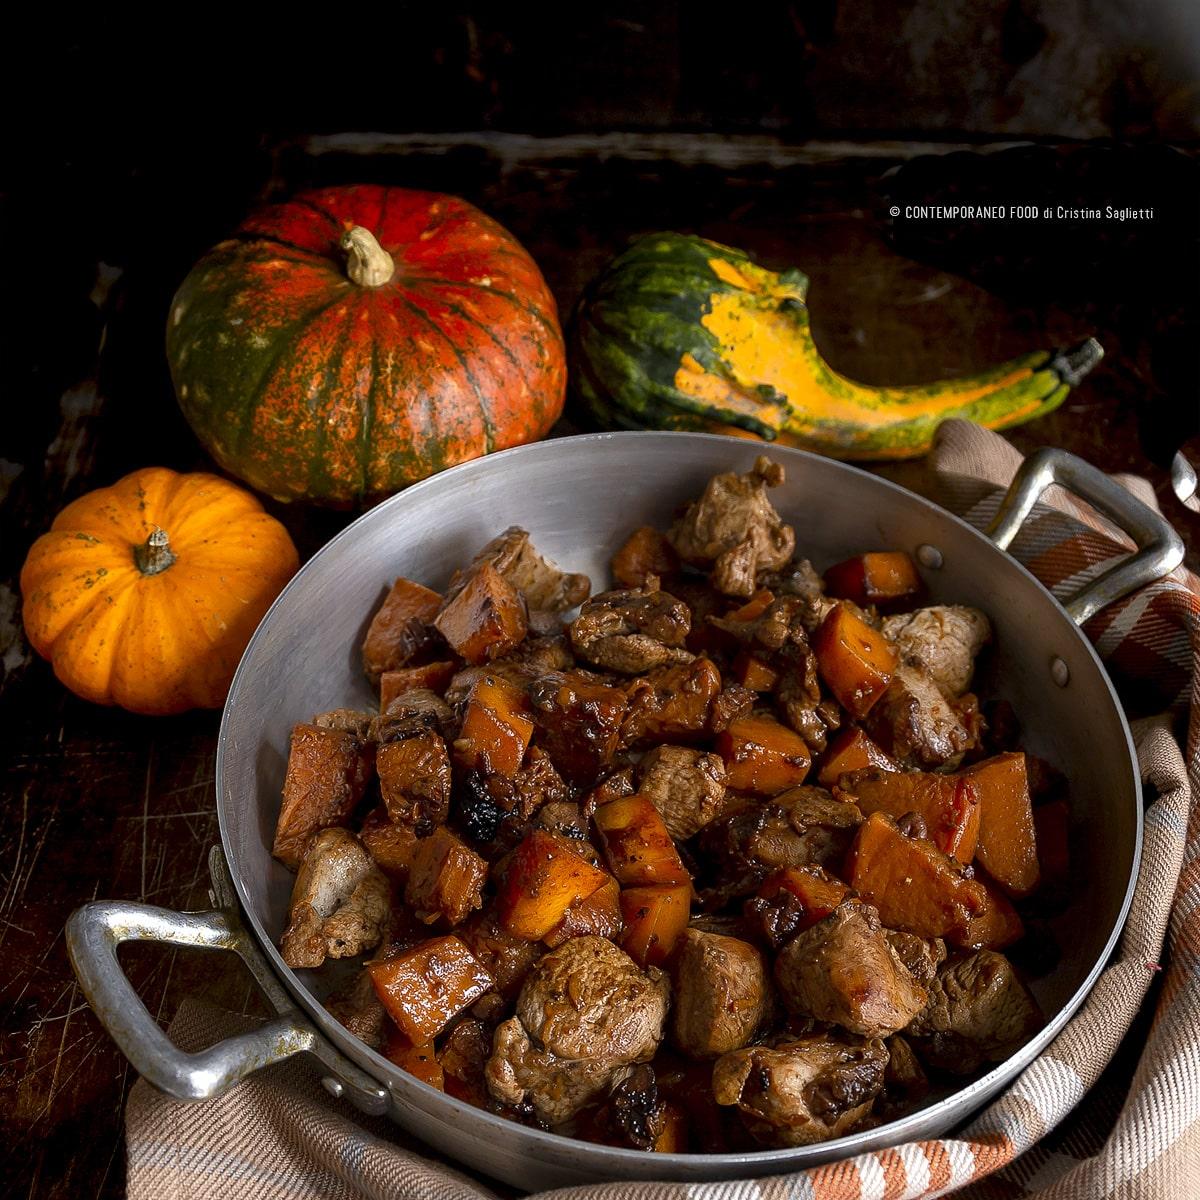 spezzatino-veloce-di-tacchino-alla-zucca-secondo-ricetta-last-minute-secondo-carne-contemporaneo-food